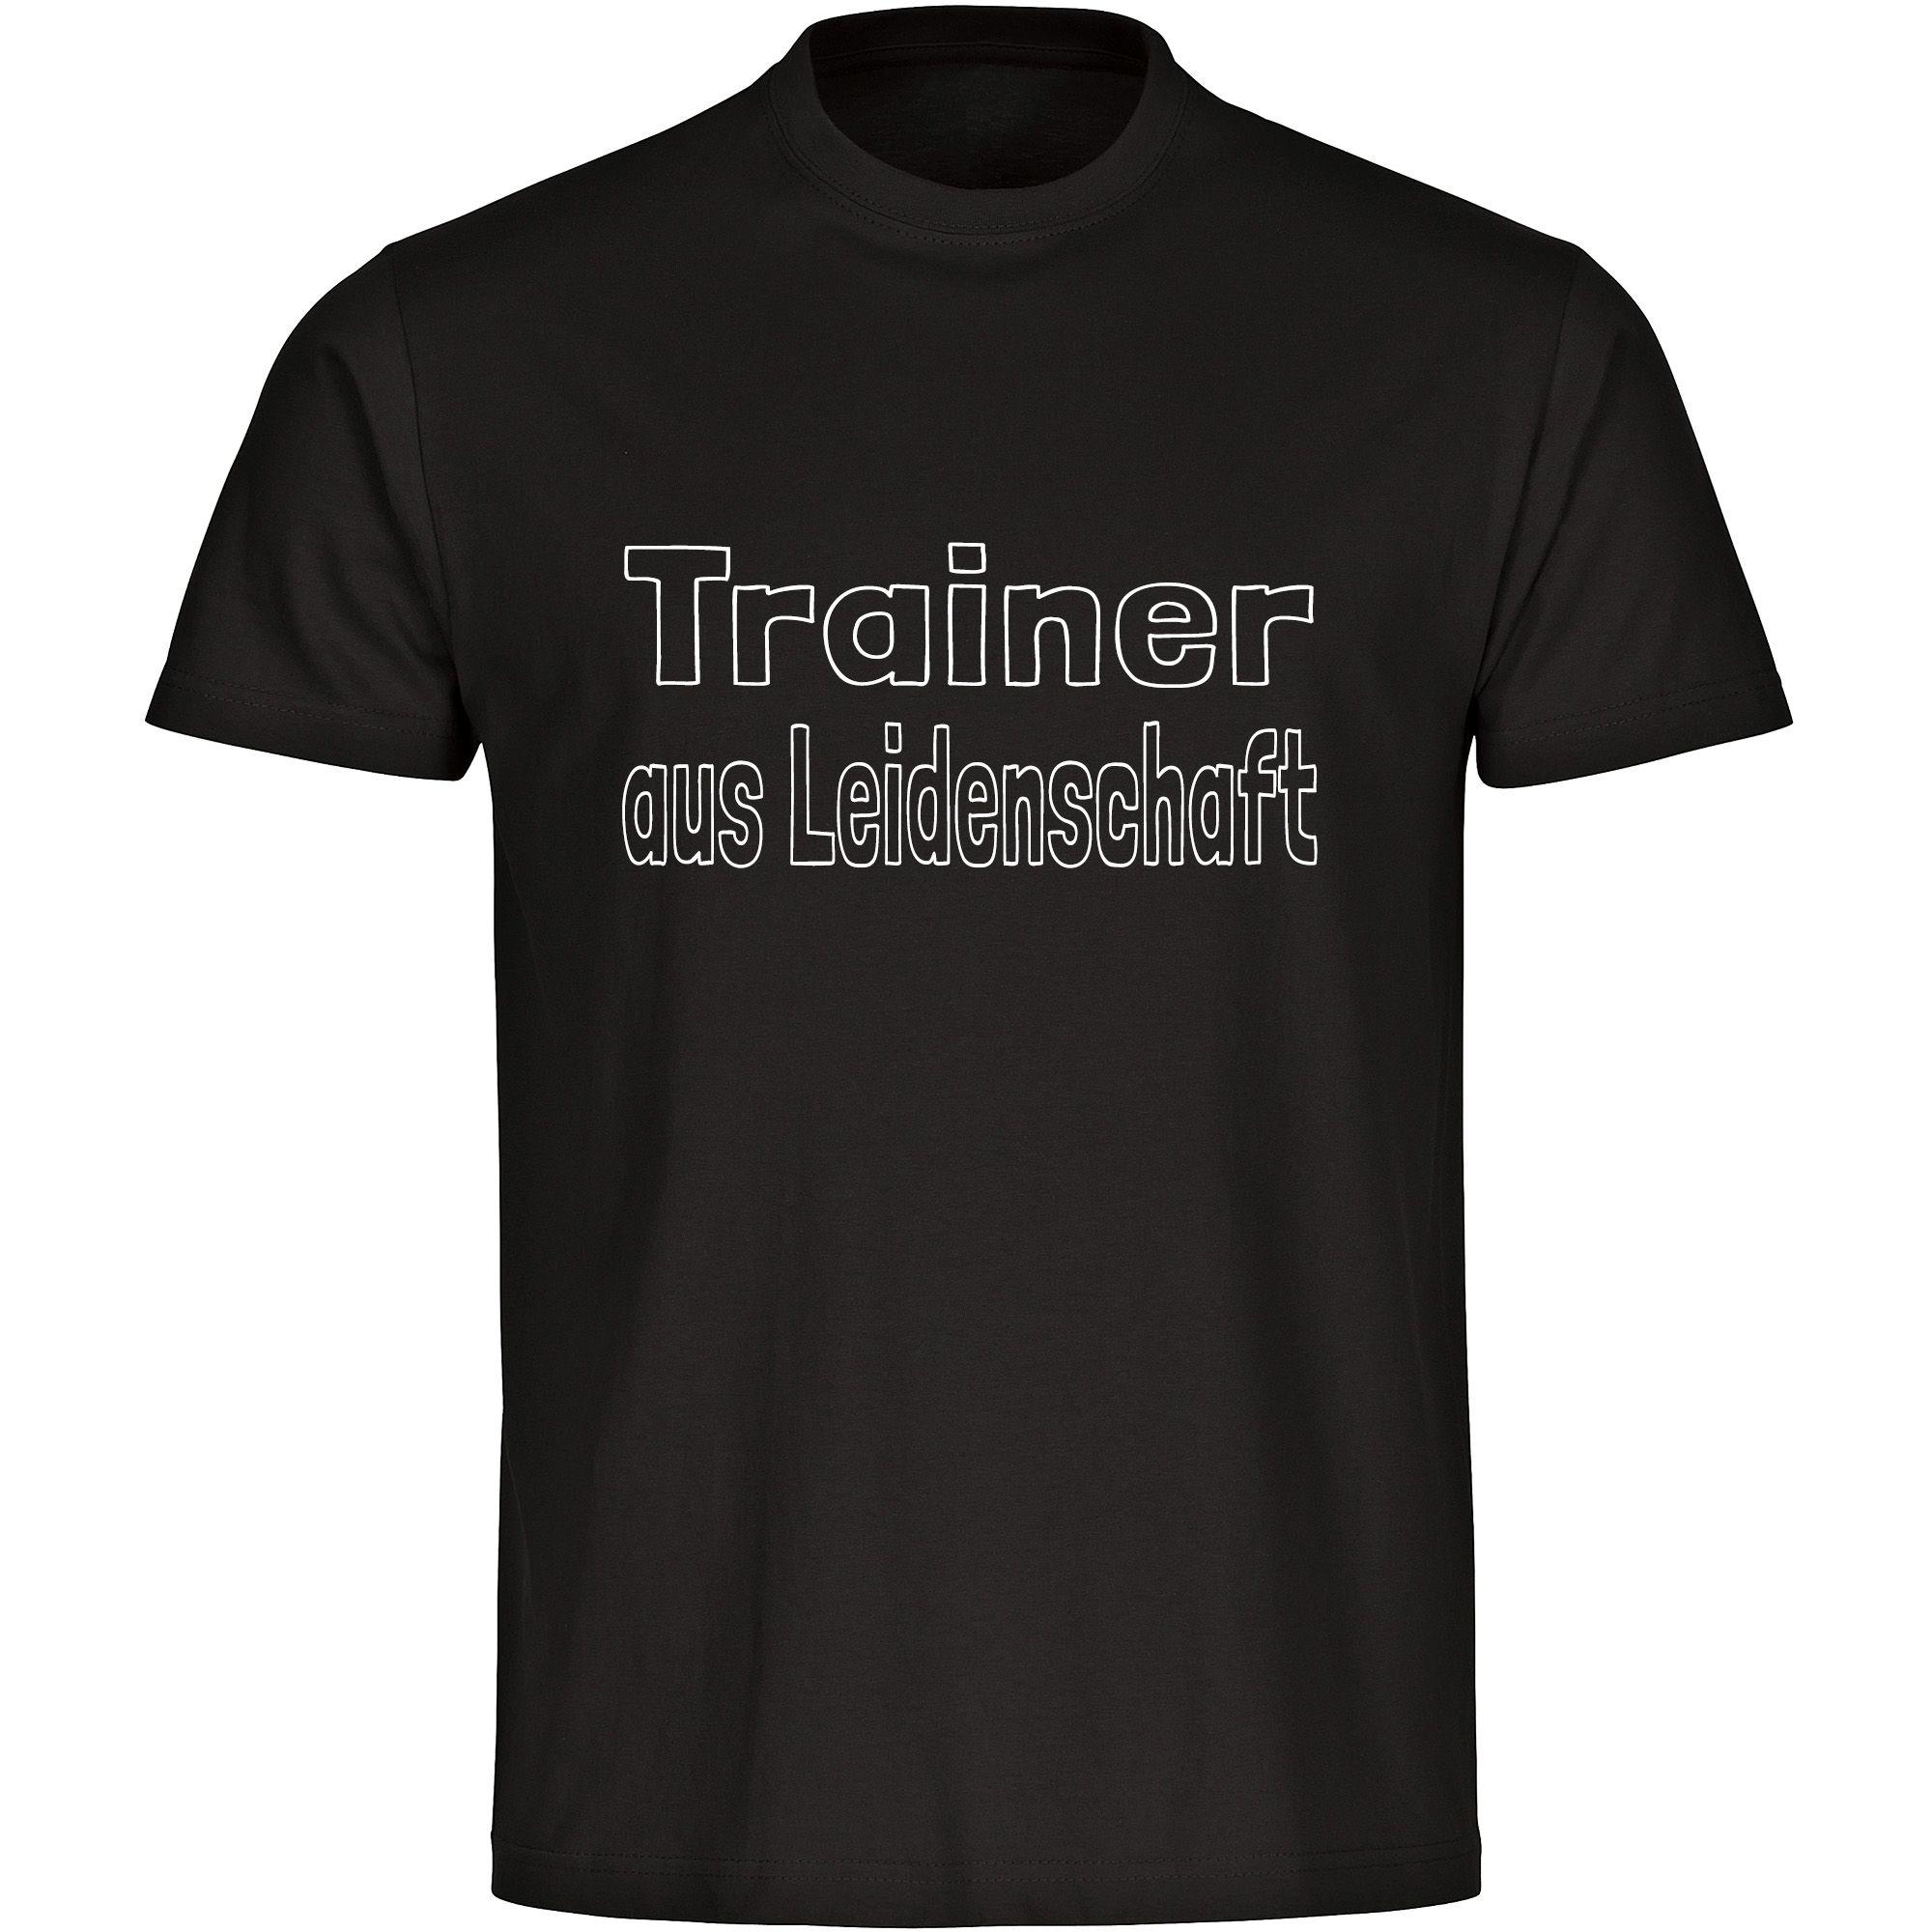 t shirt trainer aus leidenschaft herren schwarz du bist trainer durch und durch und dieser job. Black Bedroom Furniture Sets. Home Design Ideas